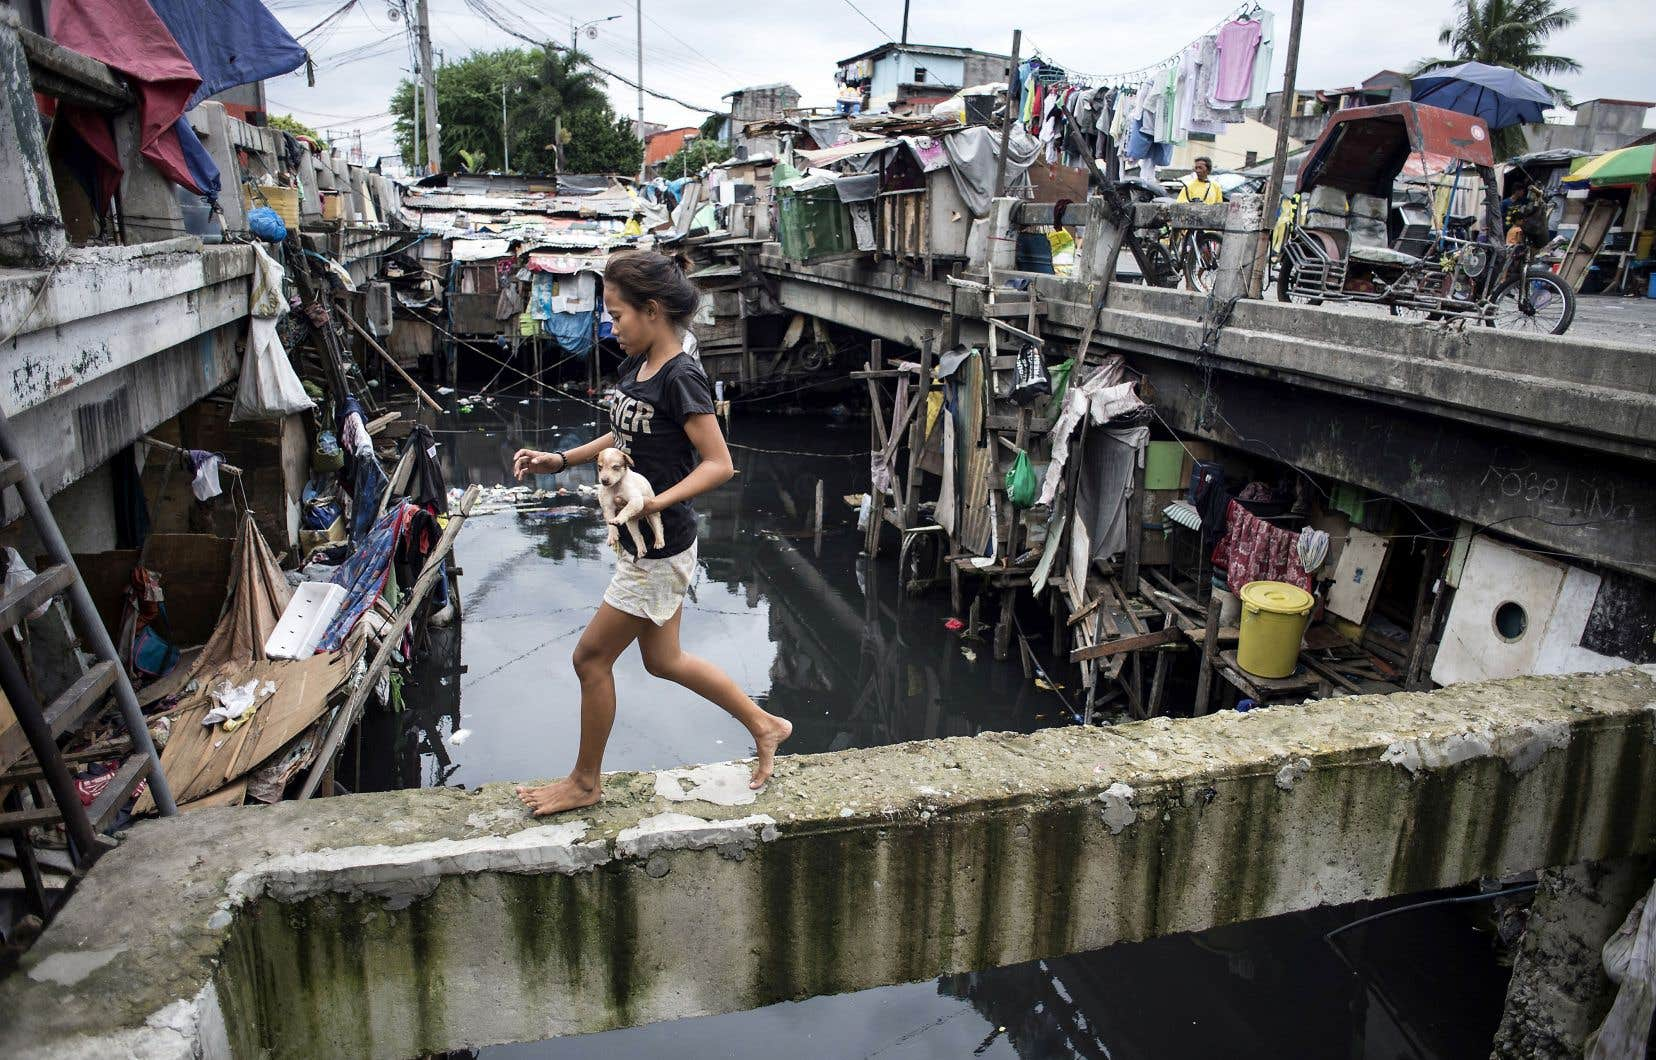 Une jeune fille à Manille, aux Philippines. Le progrès contre la pauvreté a été particulièrement spectaculaire en Asie de l'Est, rapporte la Banque mondiale.